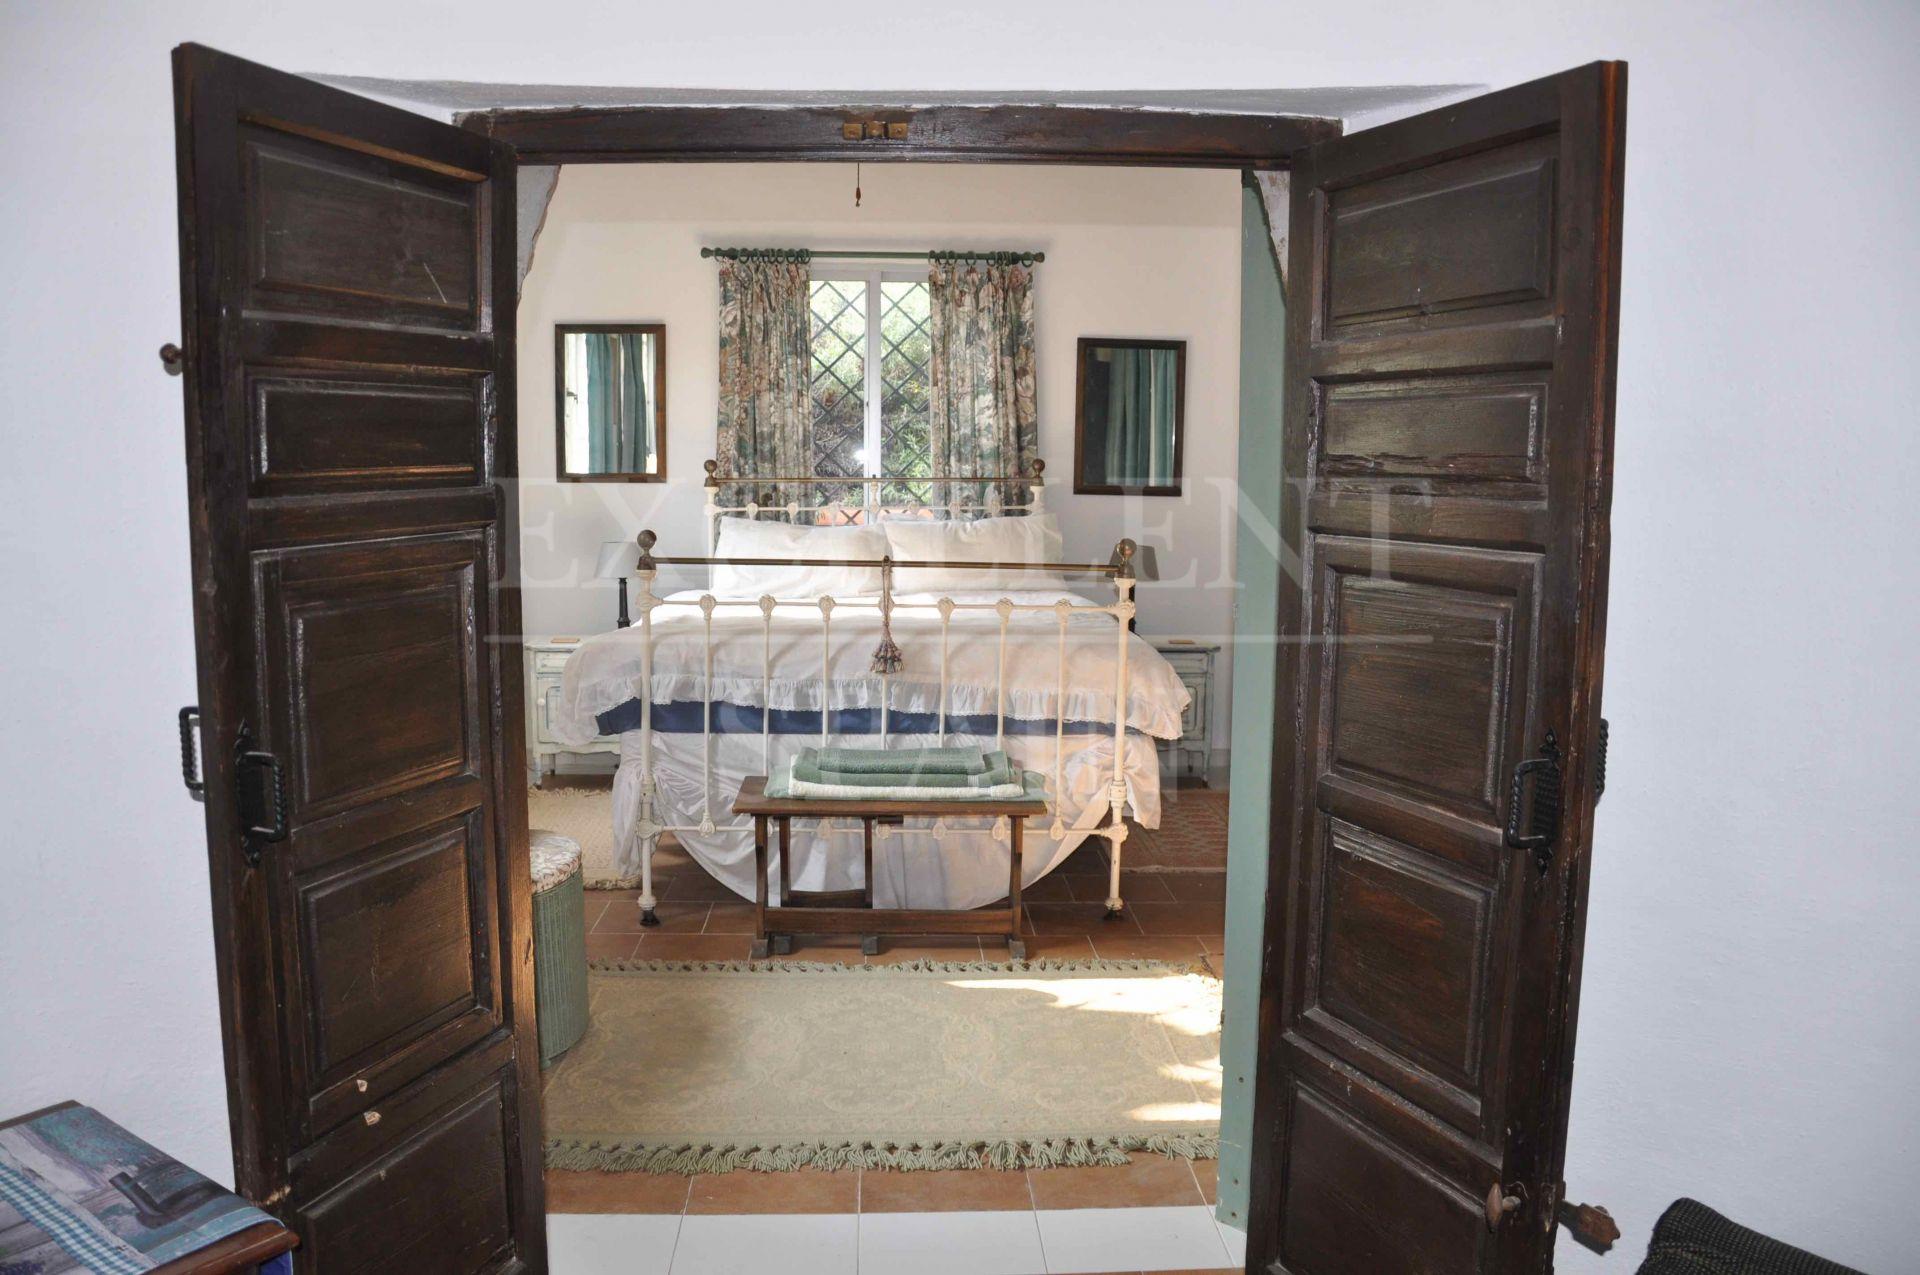 Reinoso El Padron Estepona Great Villa At A Few Minutes Drive To